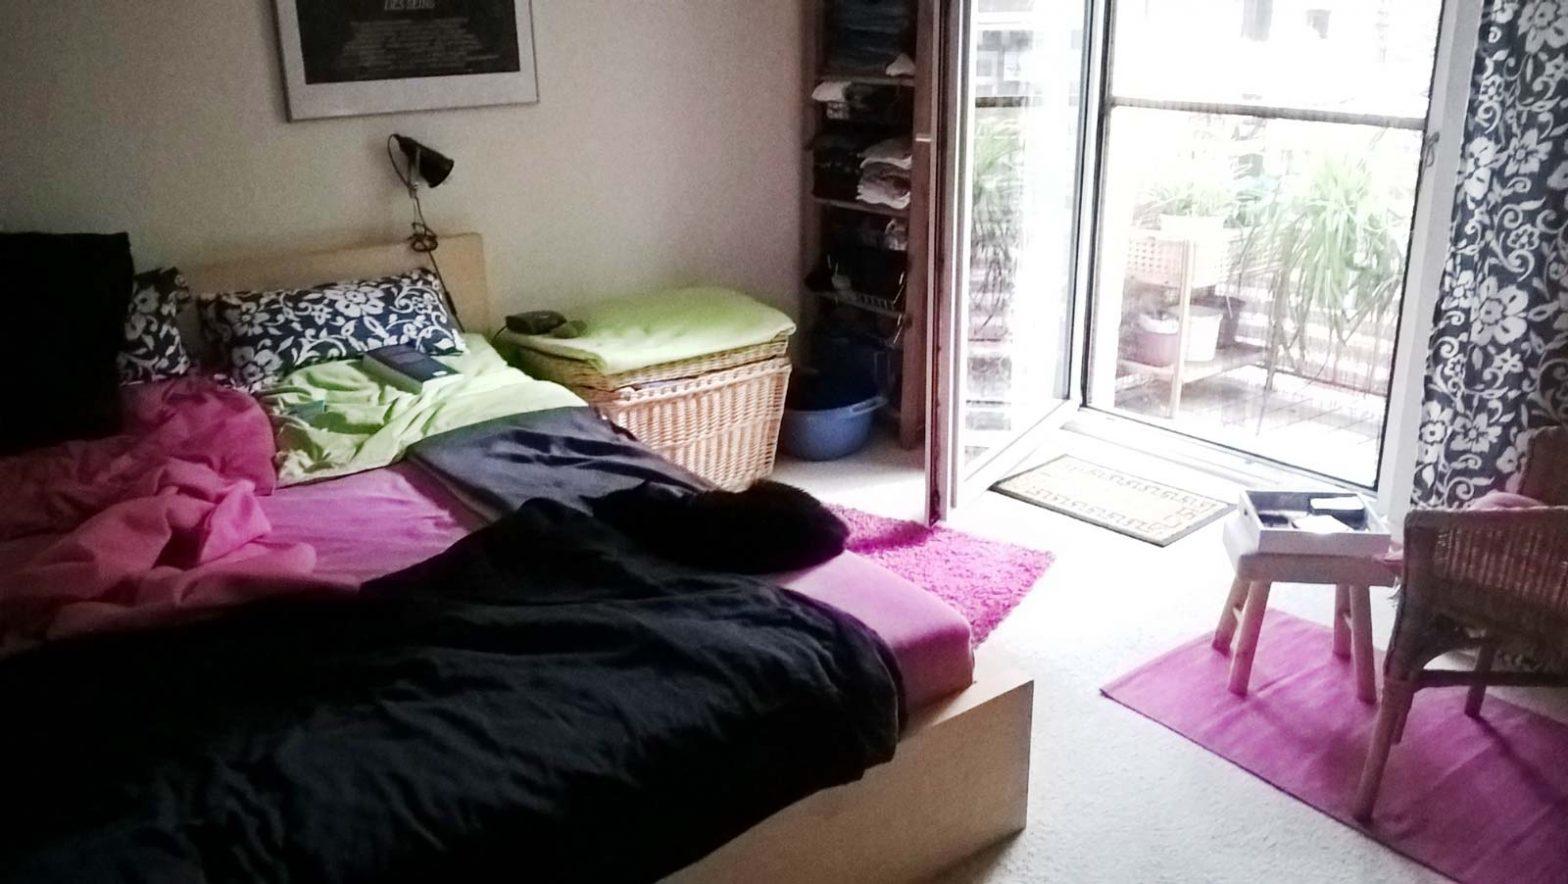 Blick ins Schlafzimmer, in dem sich Luzi befinden müsste. Nur wo ist sie?